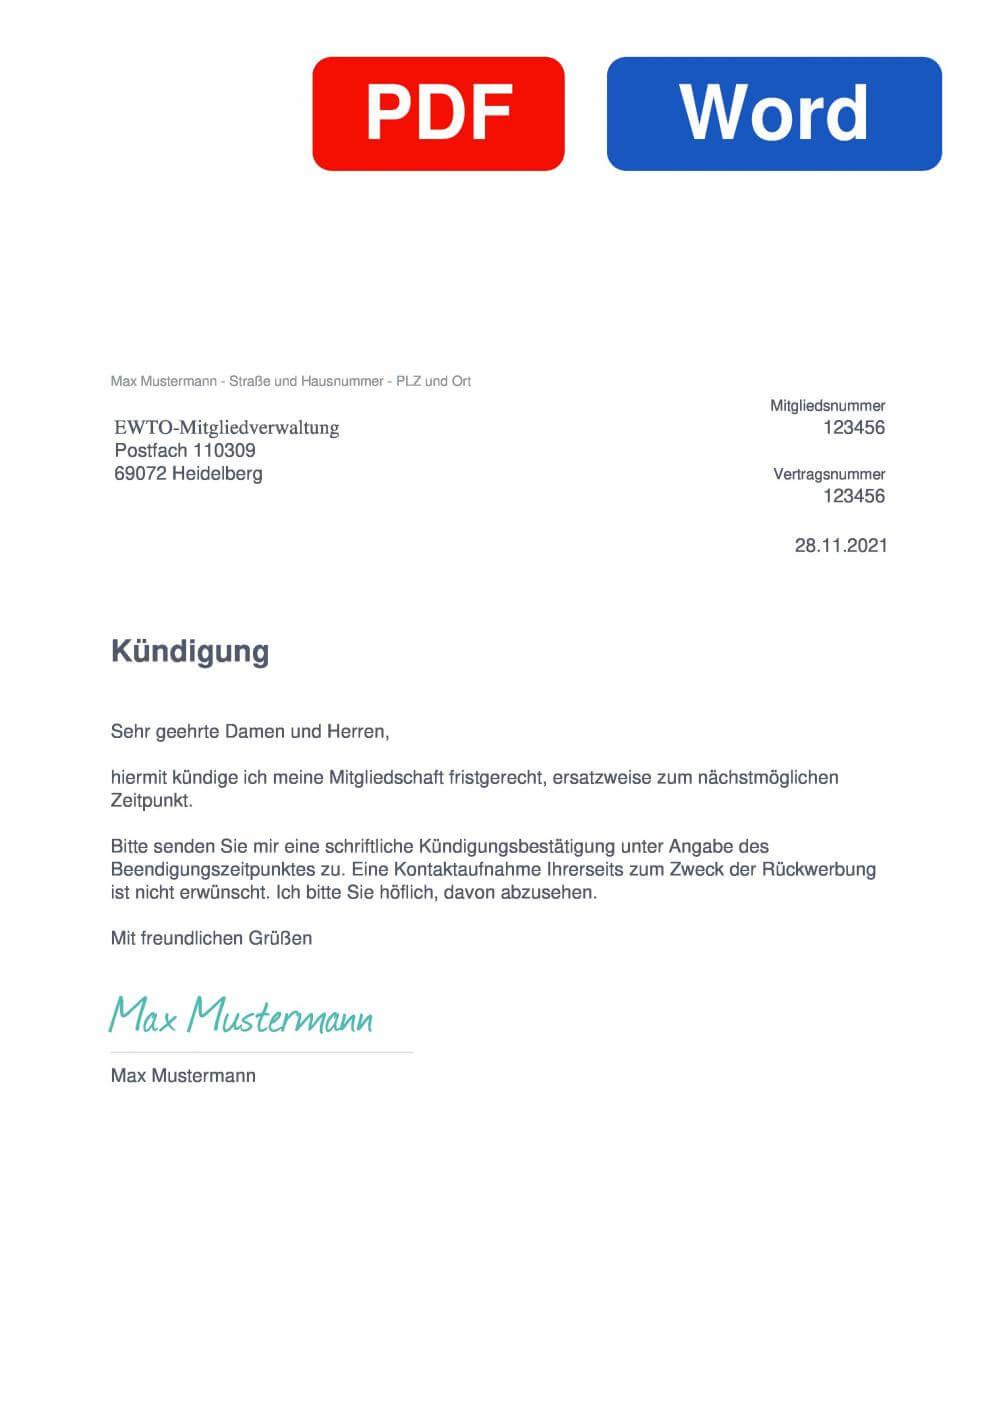 EWTO Muster Vorlage für Kündigungsschreiben